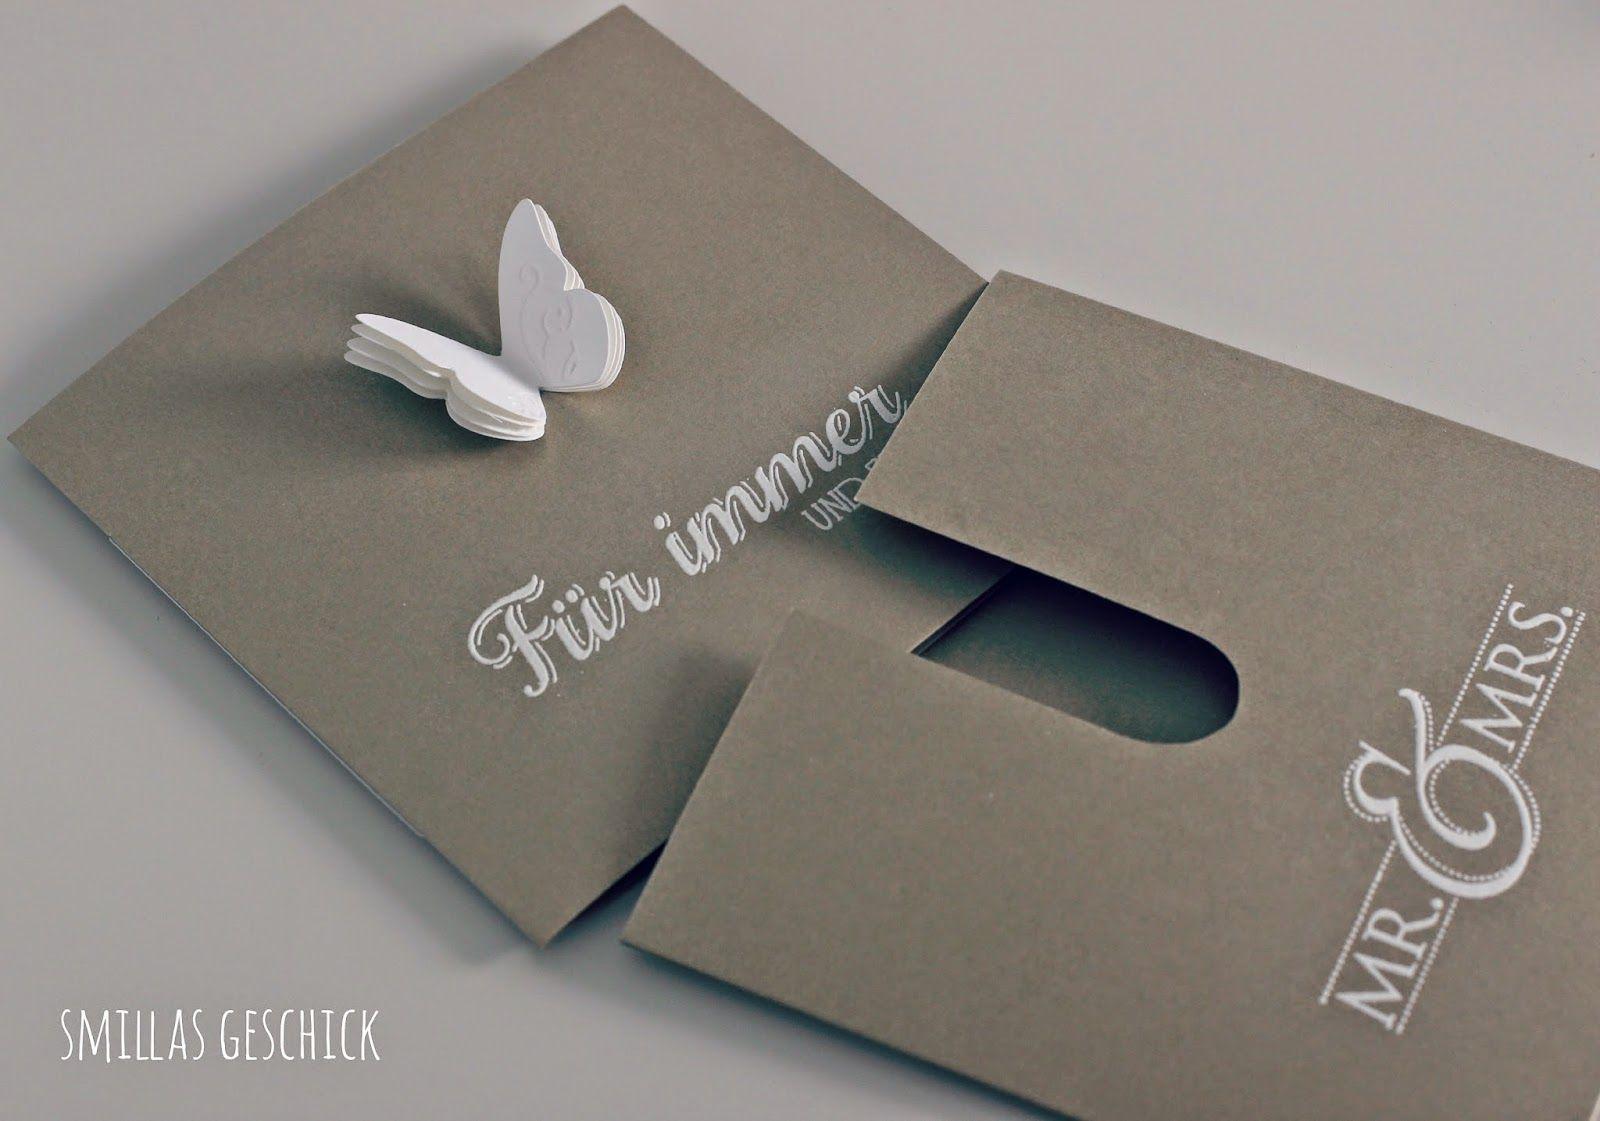 Handgefertigte Papeterie und gedruckte Botschaften